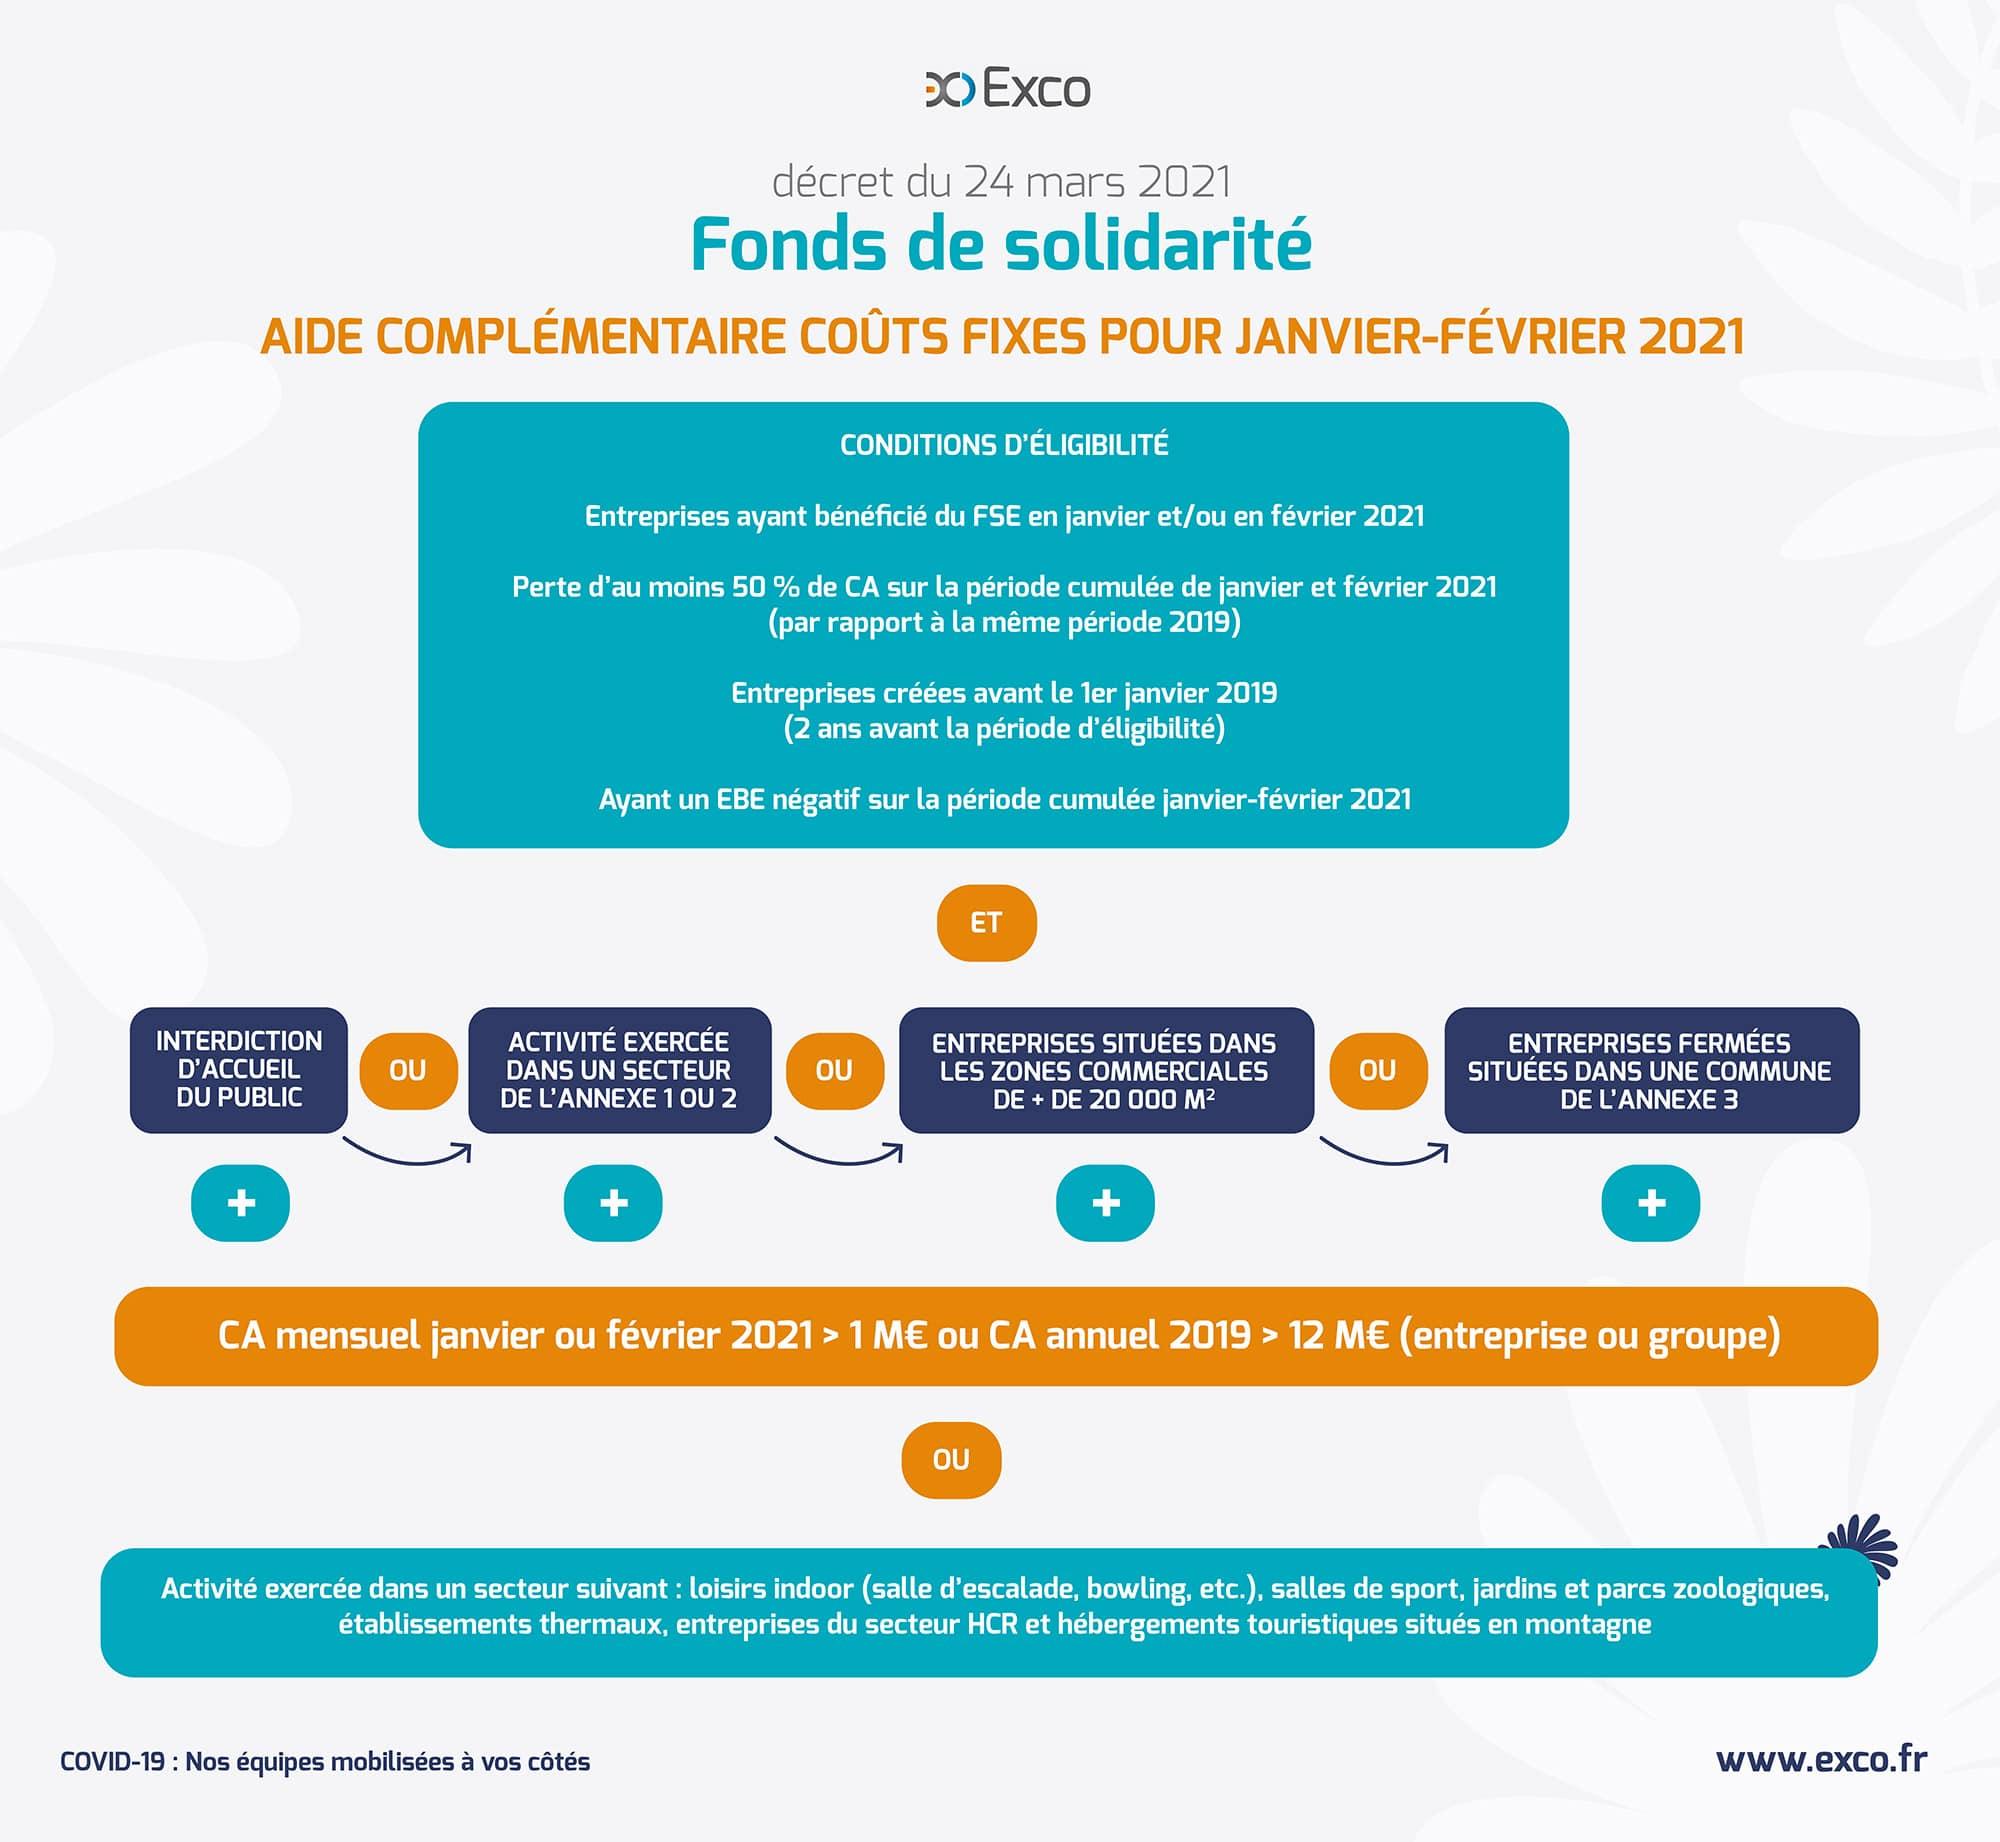 Aide complémentaire coûts fixes pour janvier-février 2021